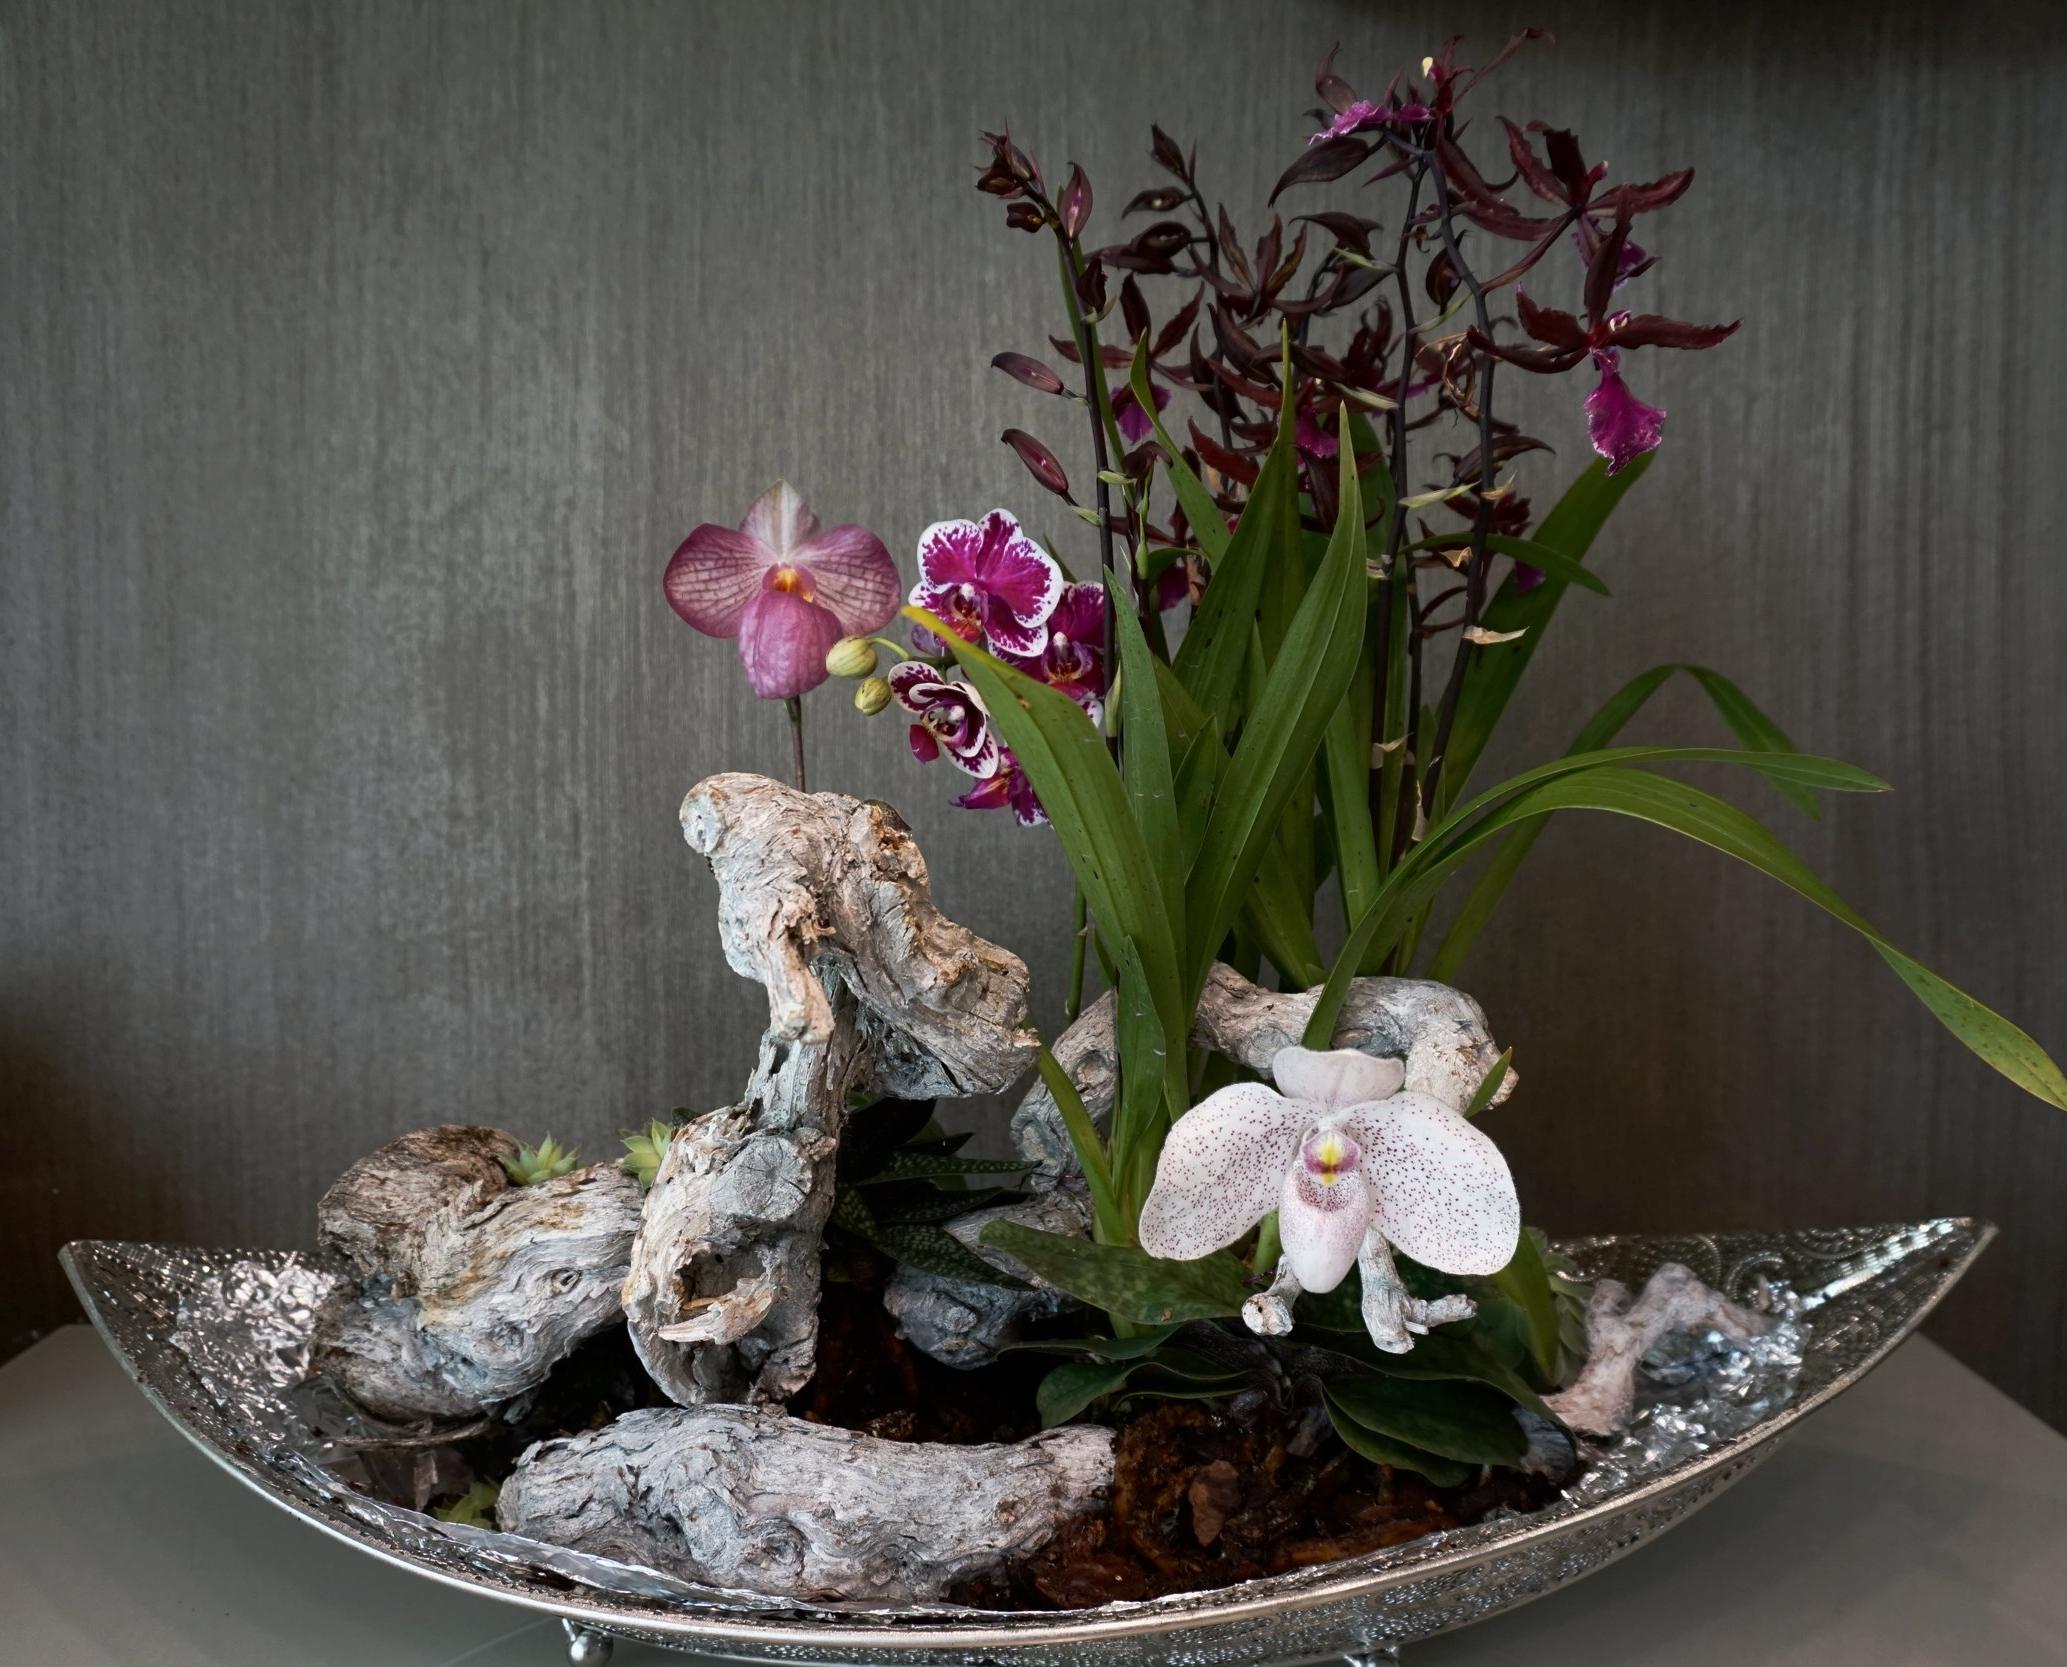 Raum Blumenschmuck